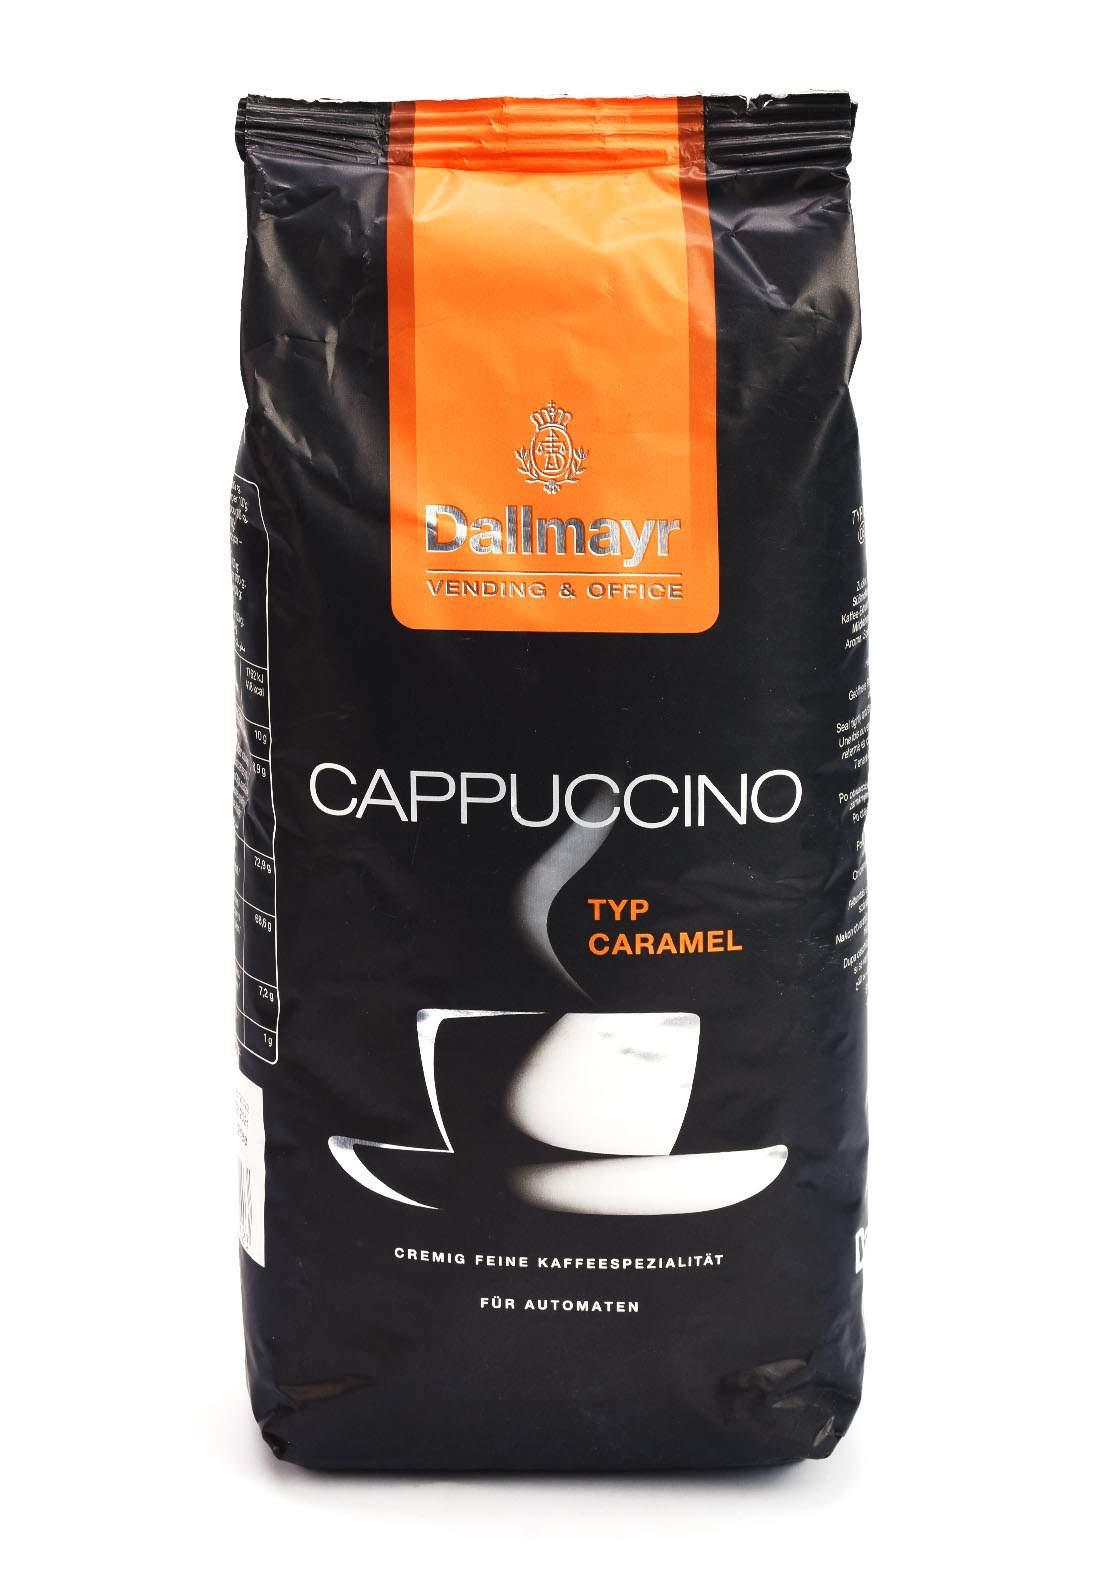 Dallmayr Vending & Office  Cappuccino Typ Caramel 1kg  كابتشينو بالكراميل